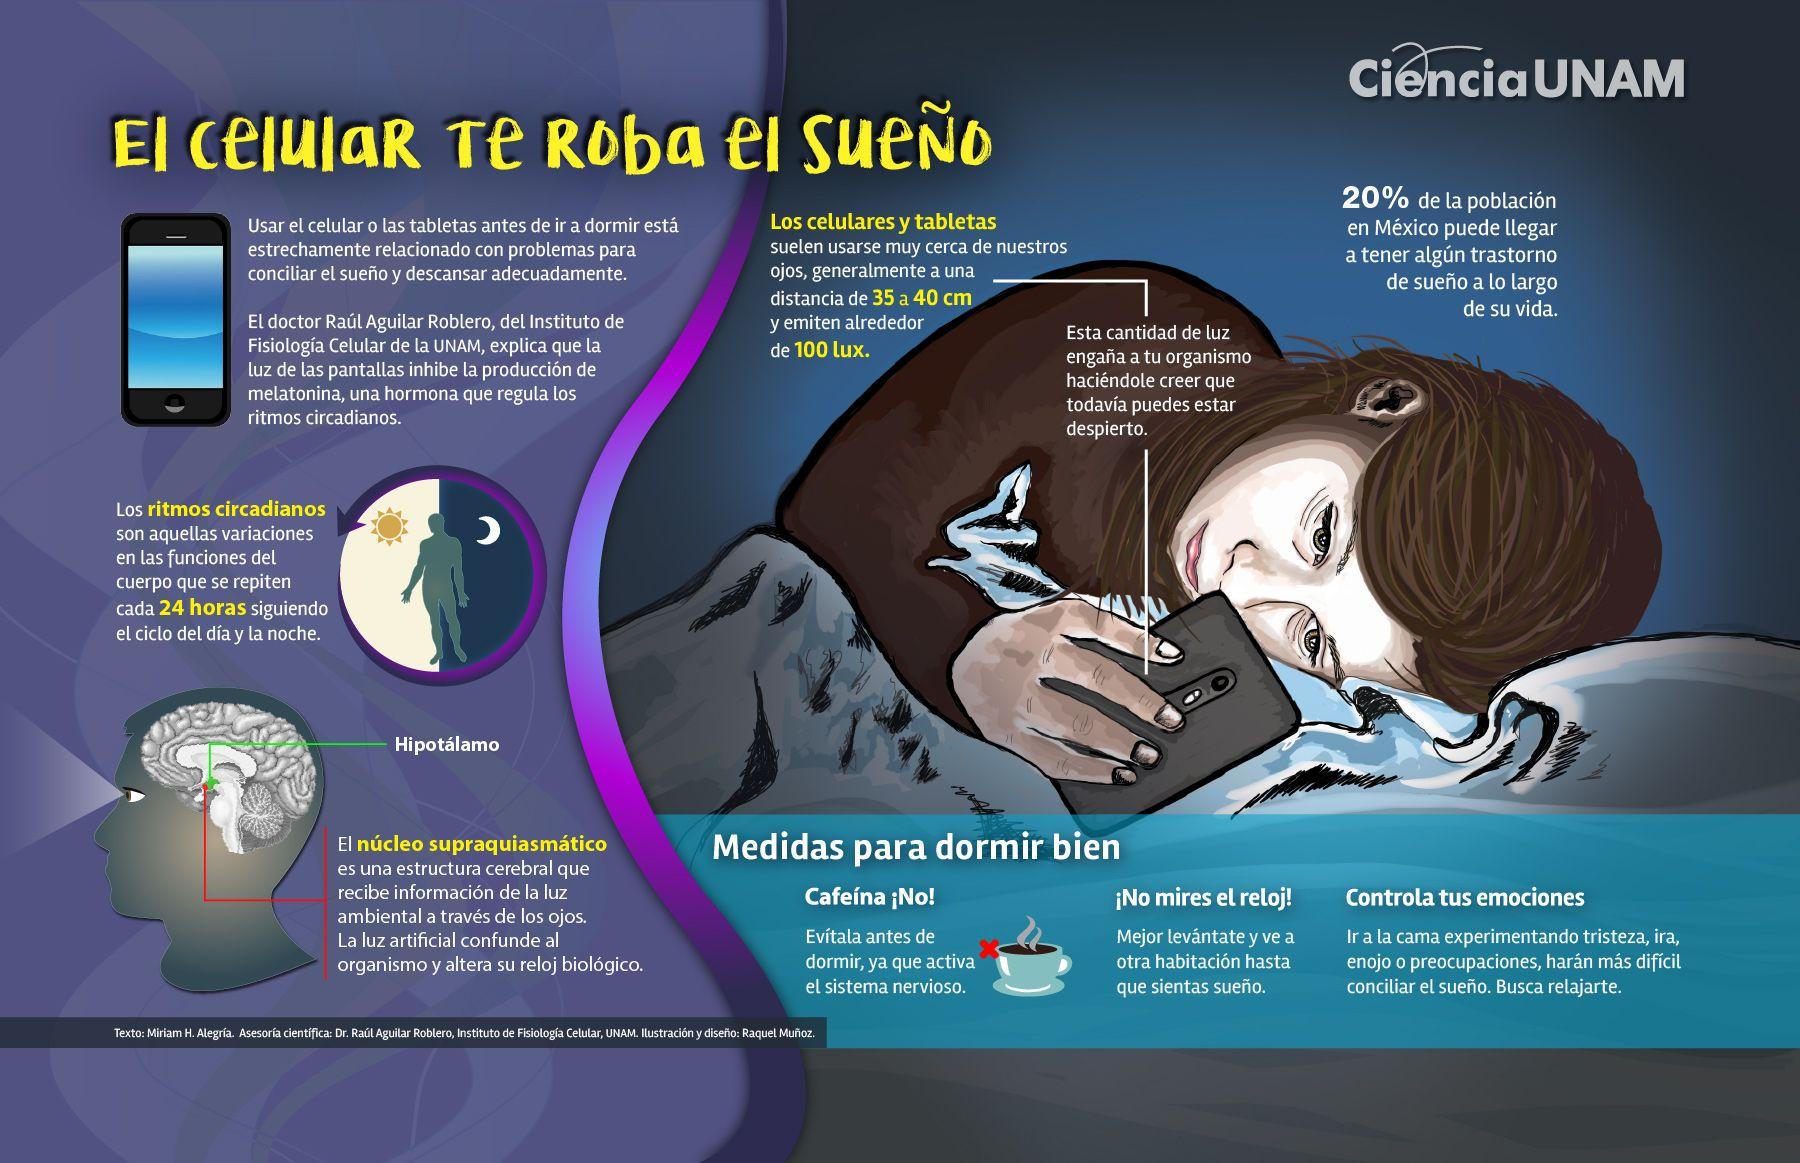 El celular te roba el sueño